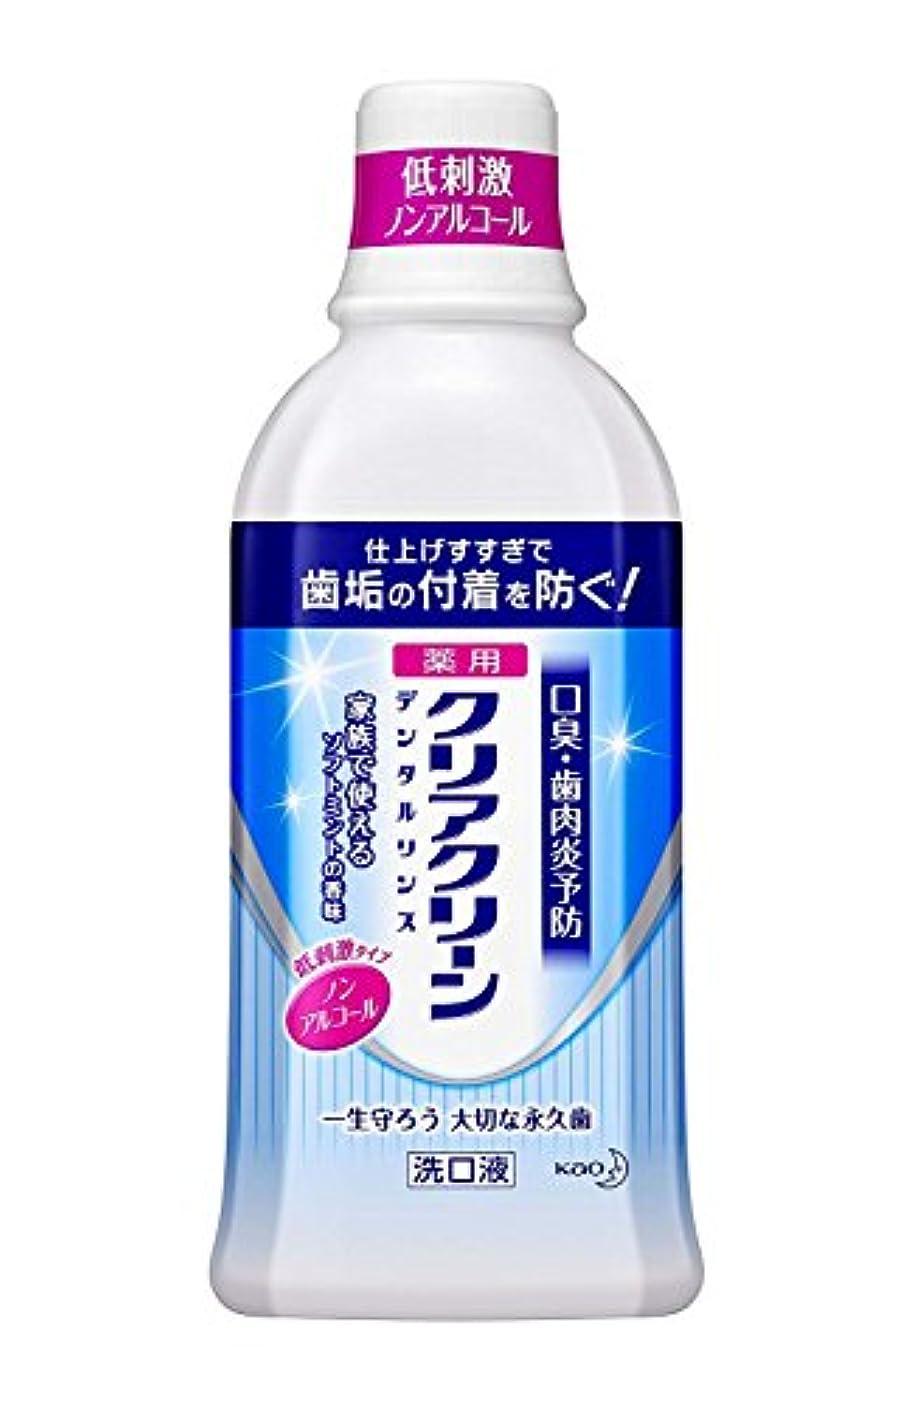 誇張する普通の改善【花王】クリアクリーン デンタルリンスノンアルコール (600ml) ×10個セット